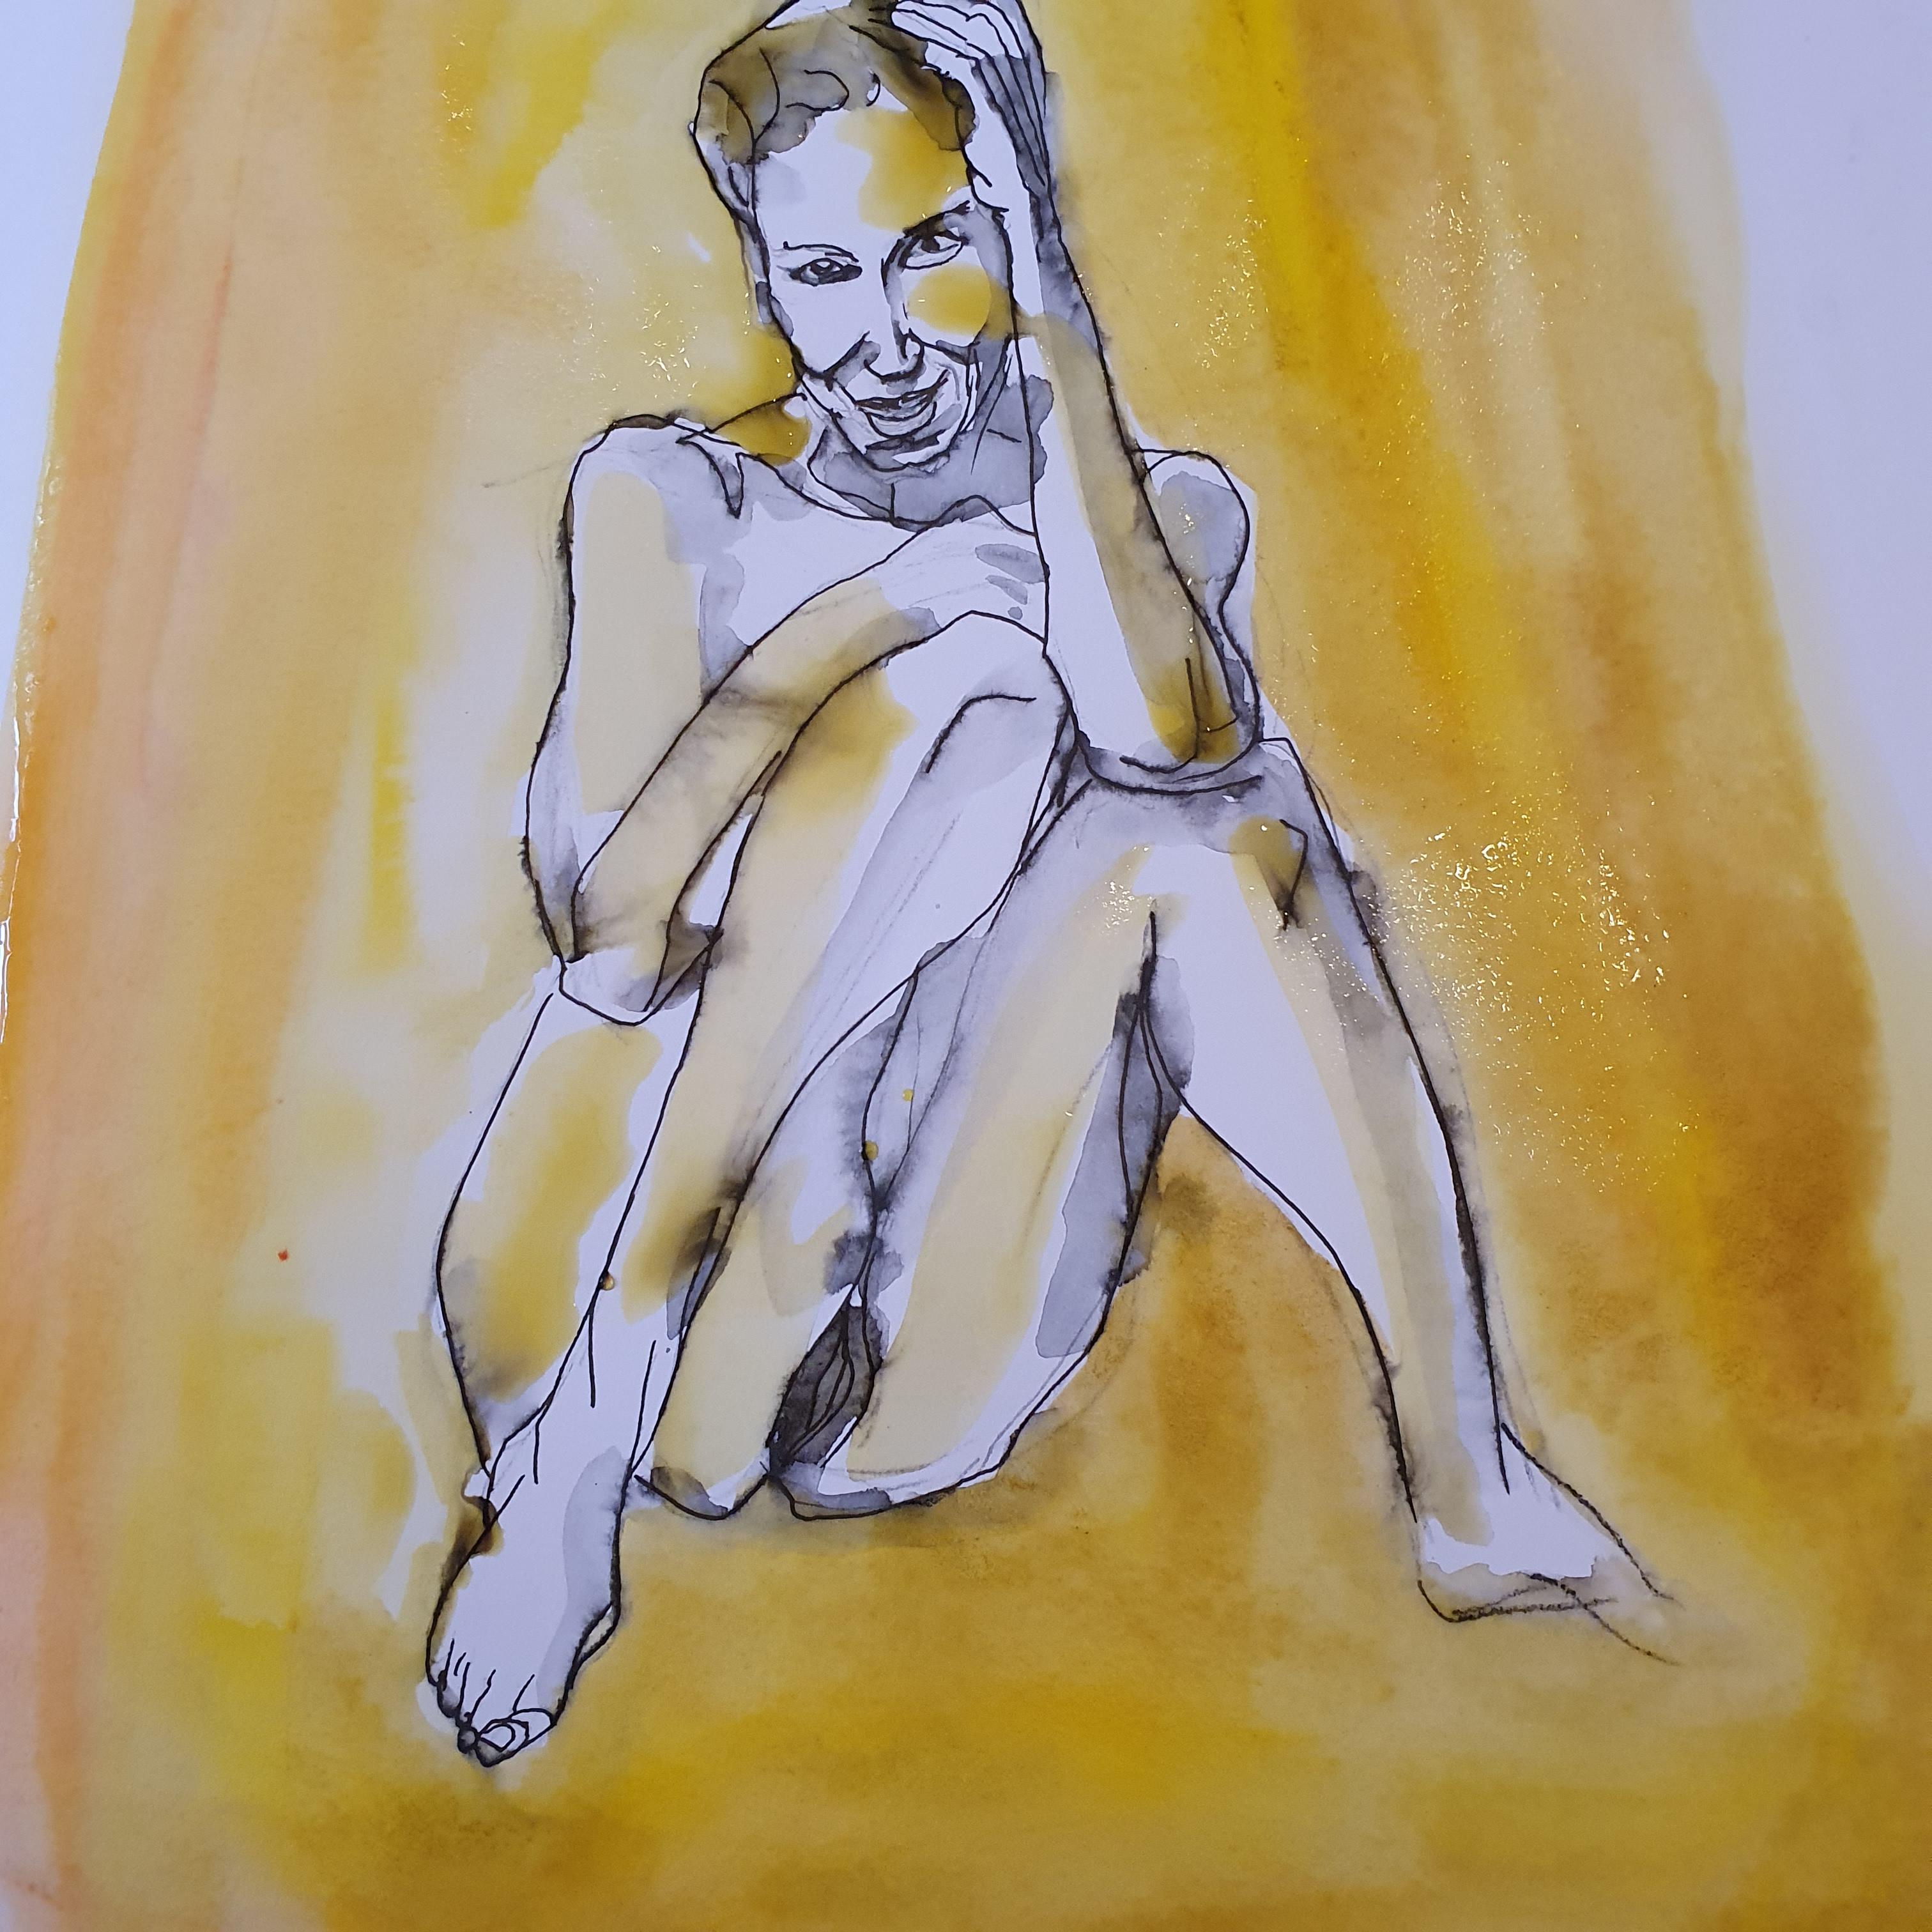 aquarelle femme assise dessin sur fond jaune  cours de dessin